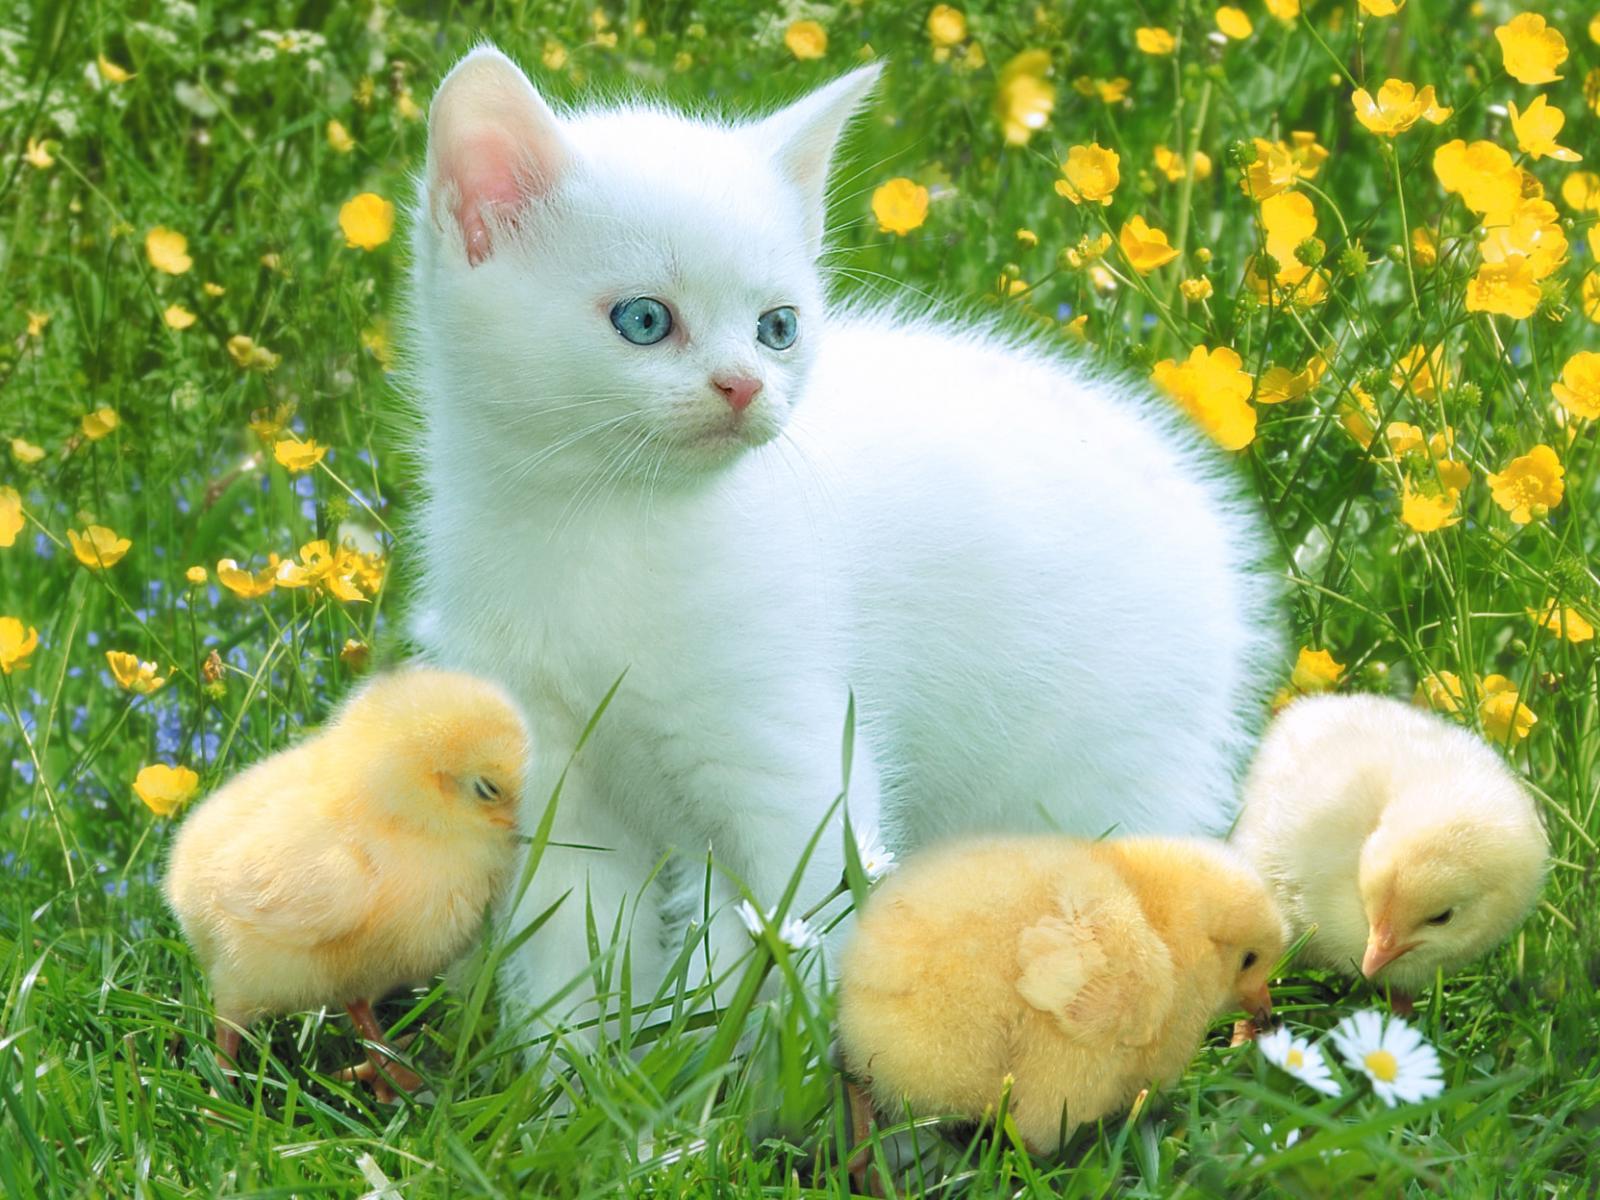 Những chú mèo nhỏ dễ thương | Ảnh mèo dễ thương | mèo xinh (5)